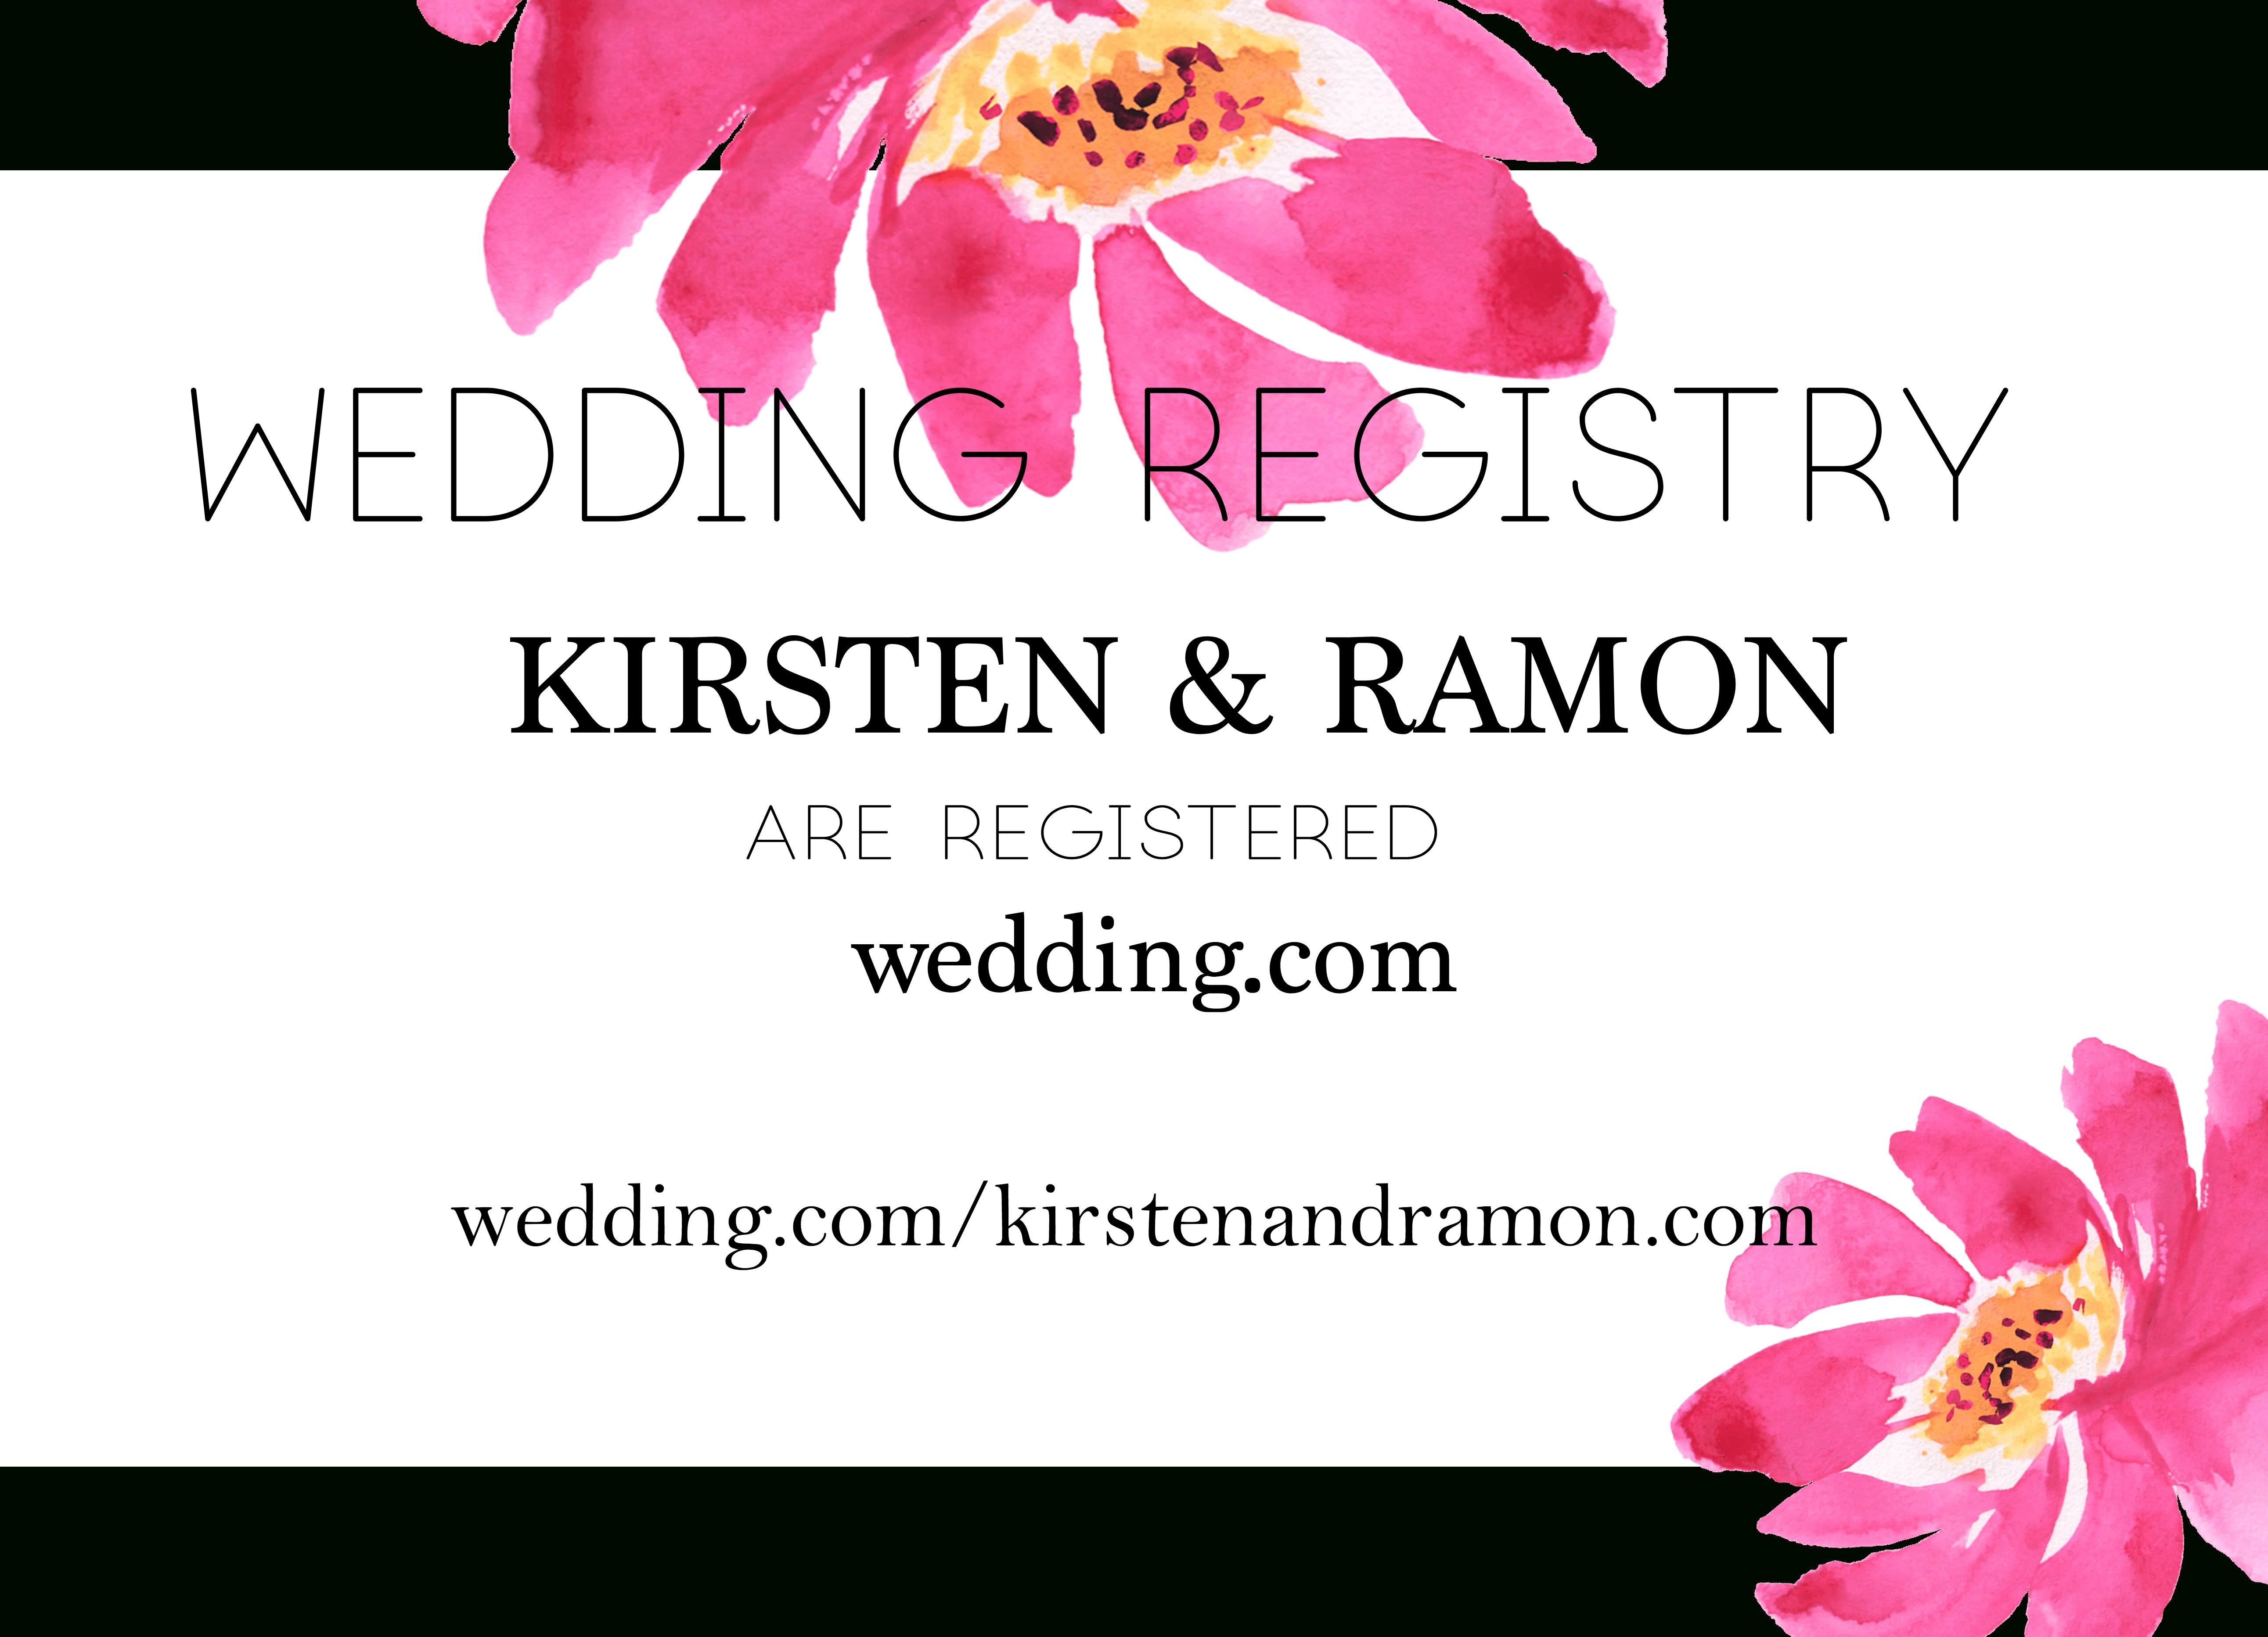 Free Printable Wedding Registry Card That Is Easily Downloaded - Free Printable Registry Cards